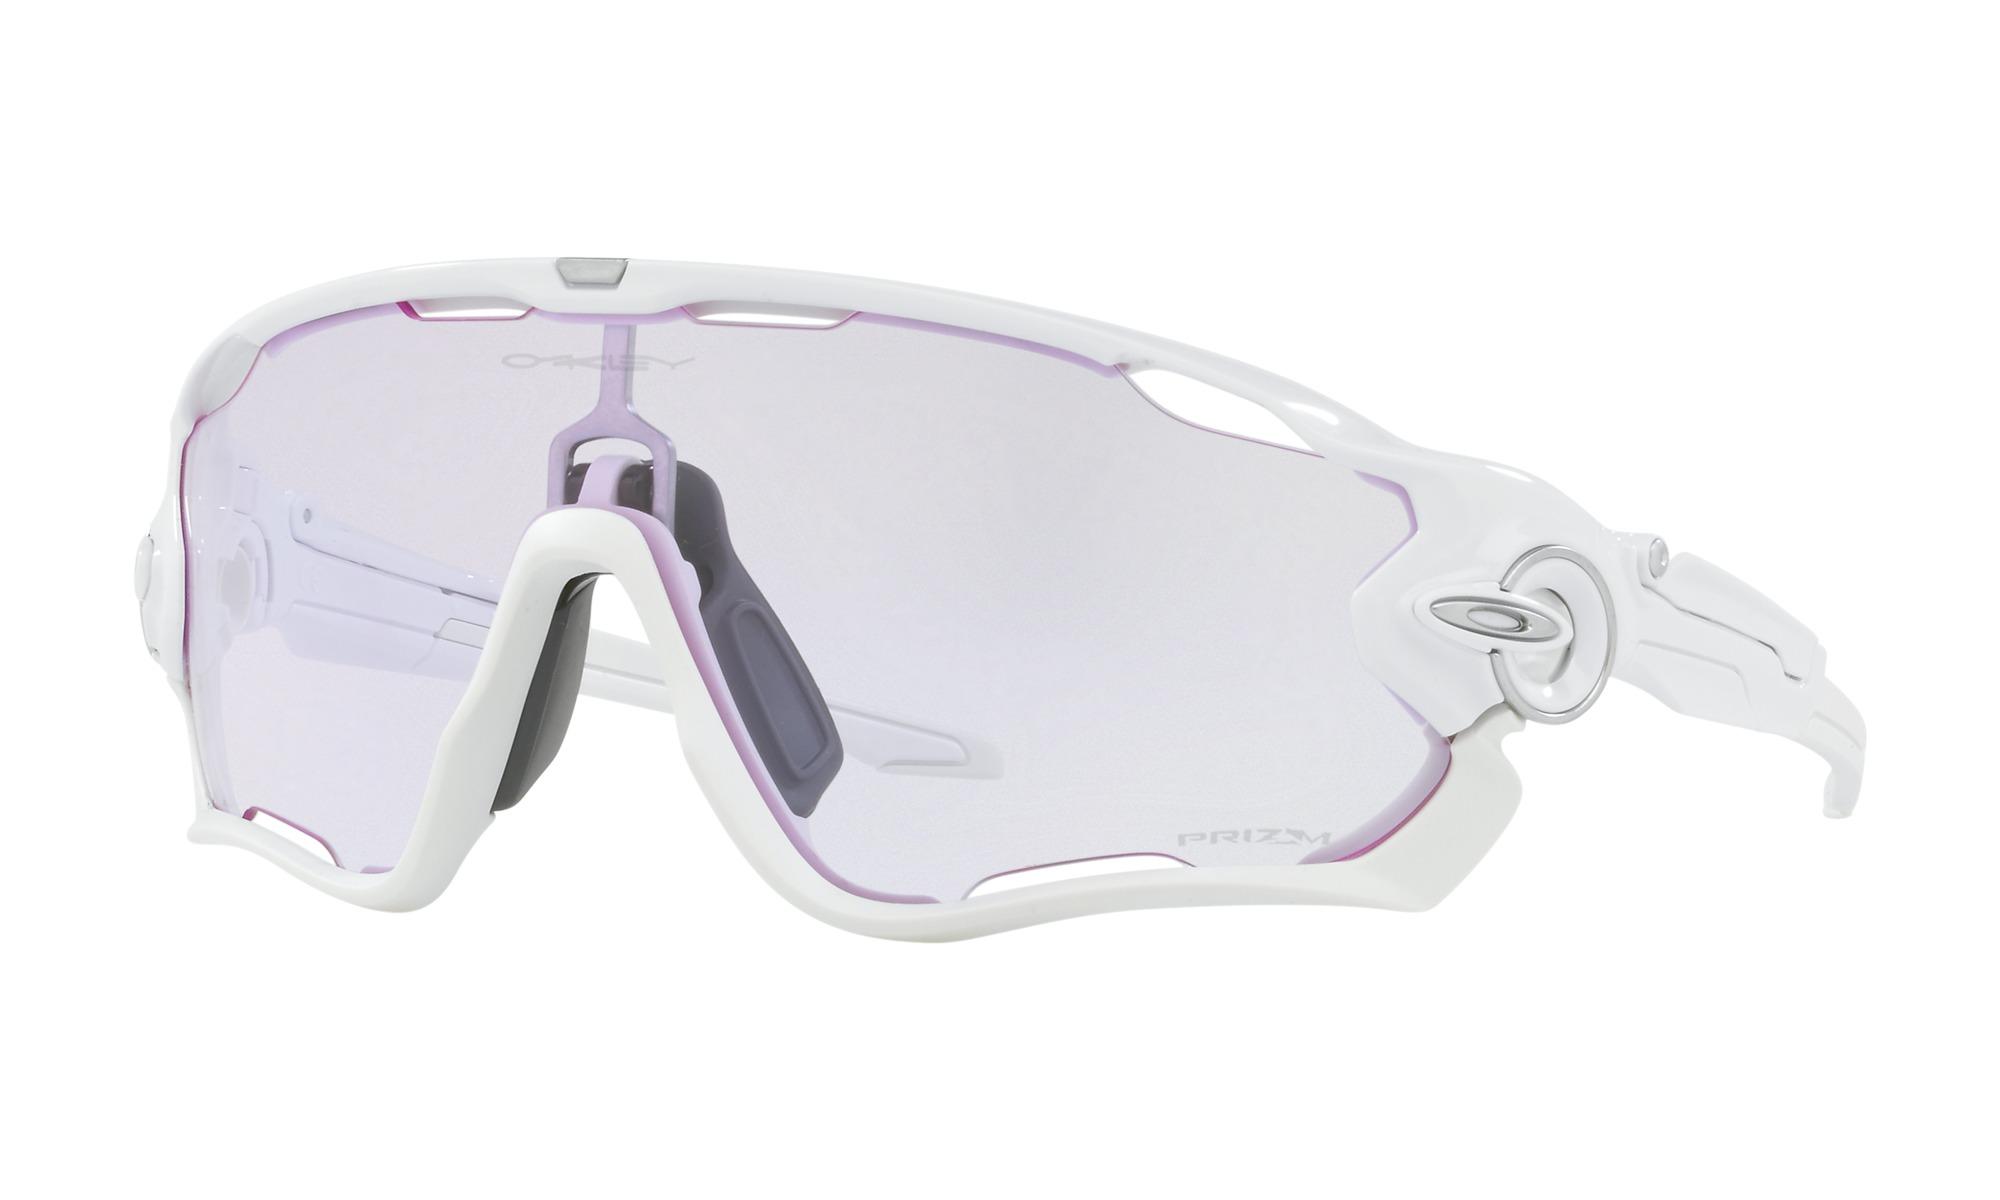 ff4c0fec8b Gafas Oakley Jawbreaker blancas - Prizm Low Light OO9290-3231 ...